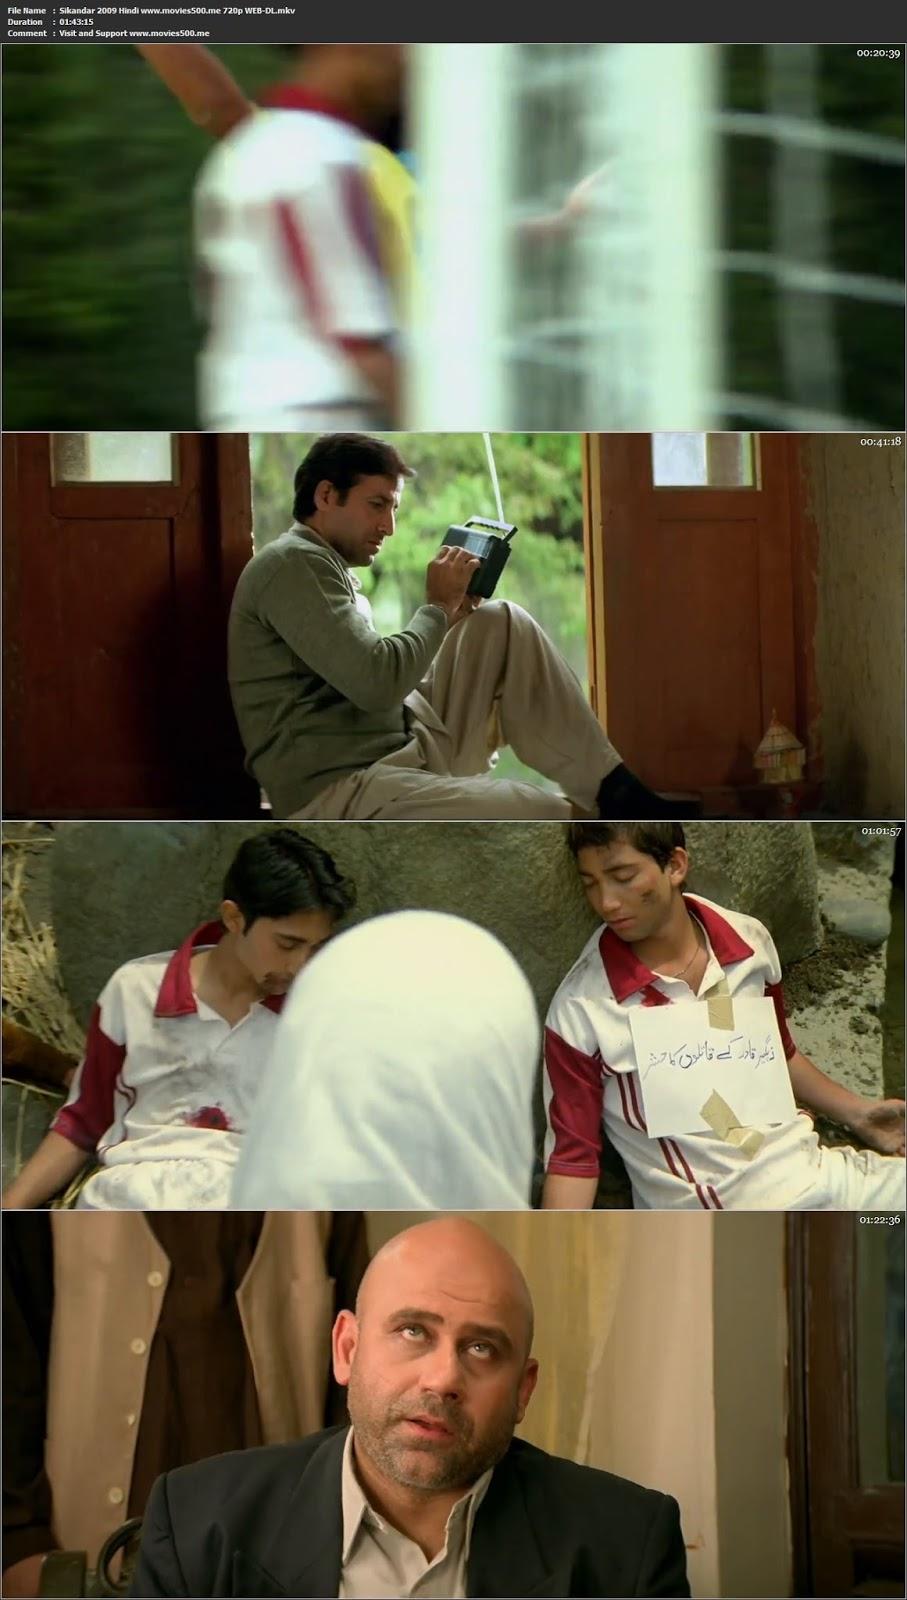 Sikandar 2009 Hindi Full Movie 700MB WEB DL 720p at sweac.org